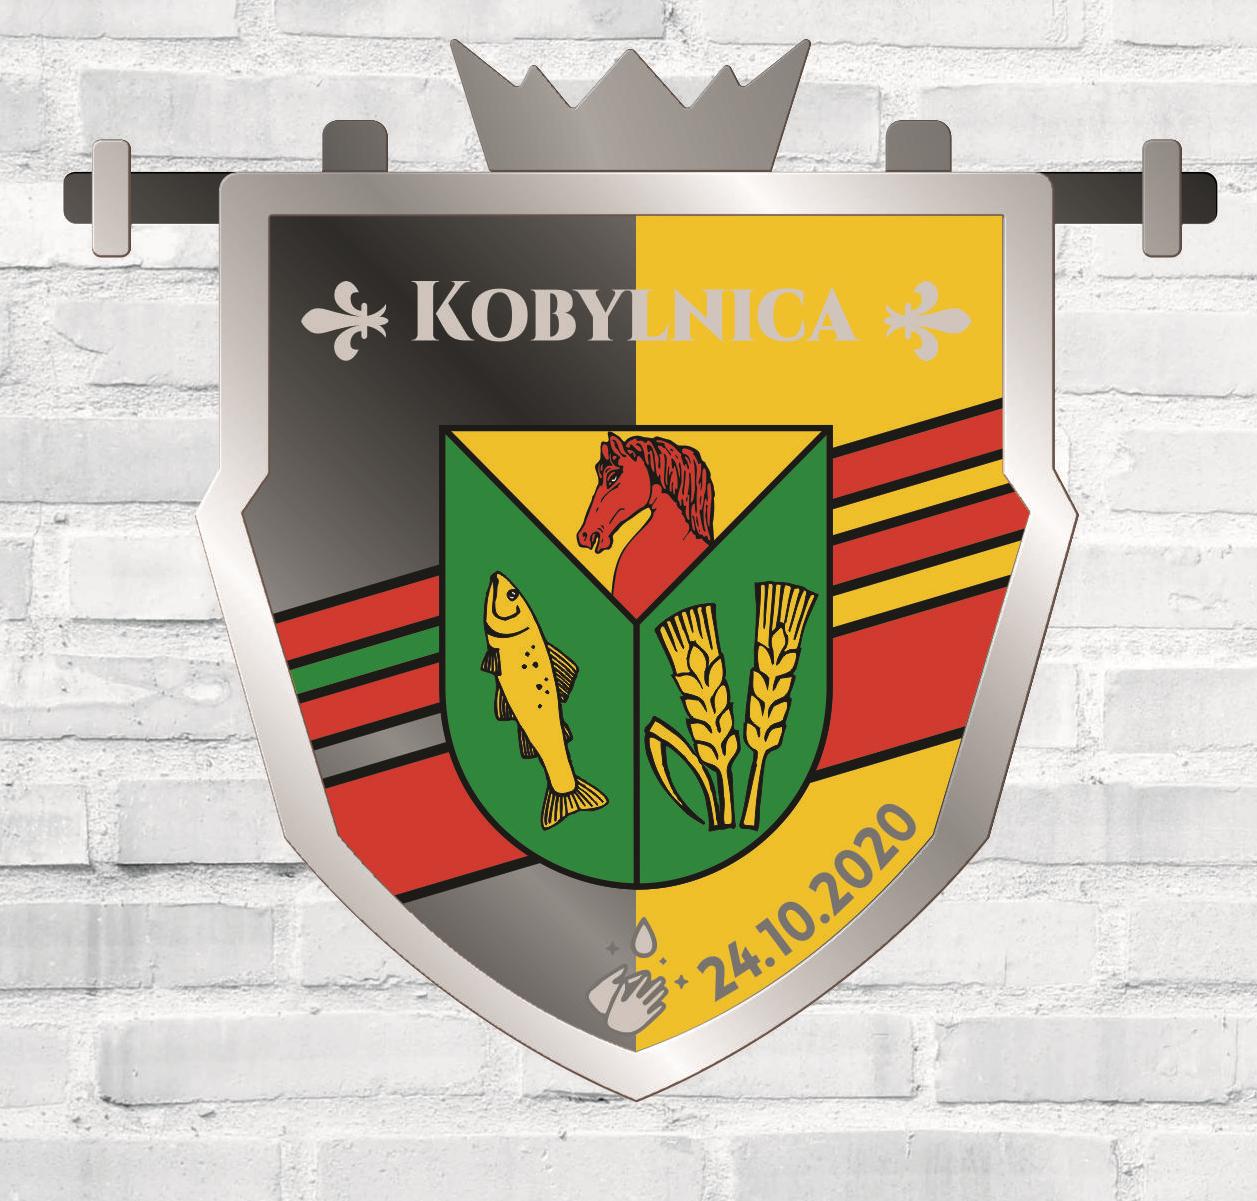 Mistrzostwa Polski Kobylnica